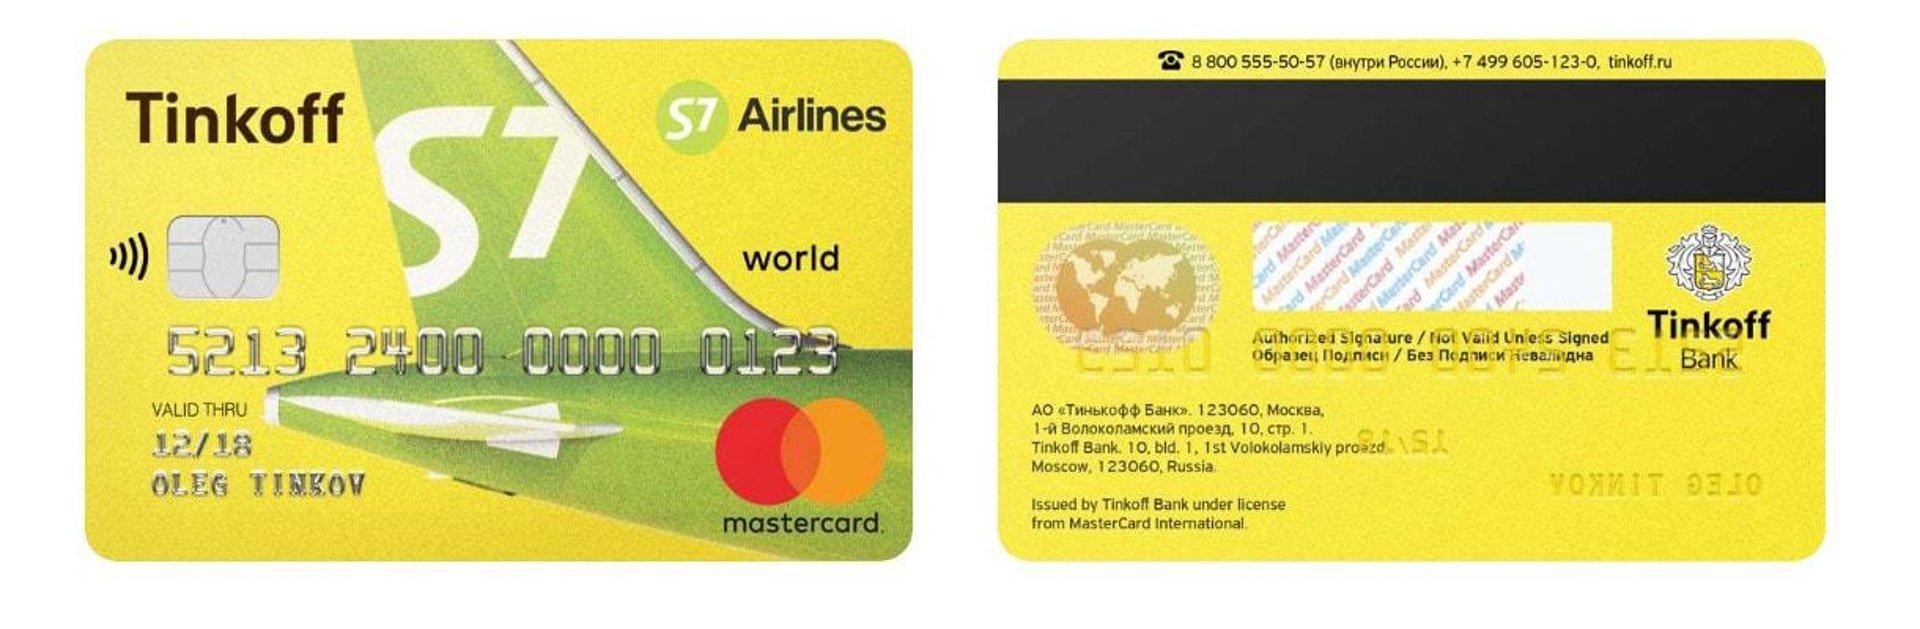 тинькофф банкофф банк кредитная карта платинум отзывы как перевести деньги со счета телефона мтс на банковскую карту